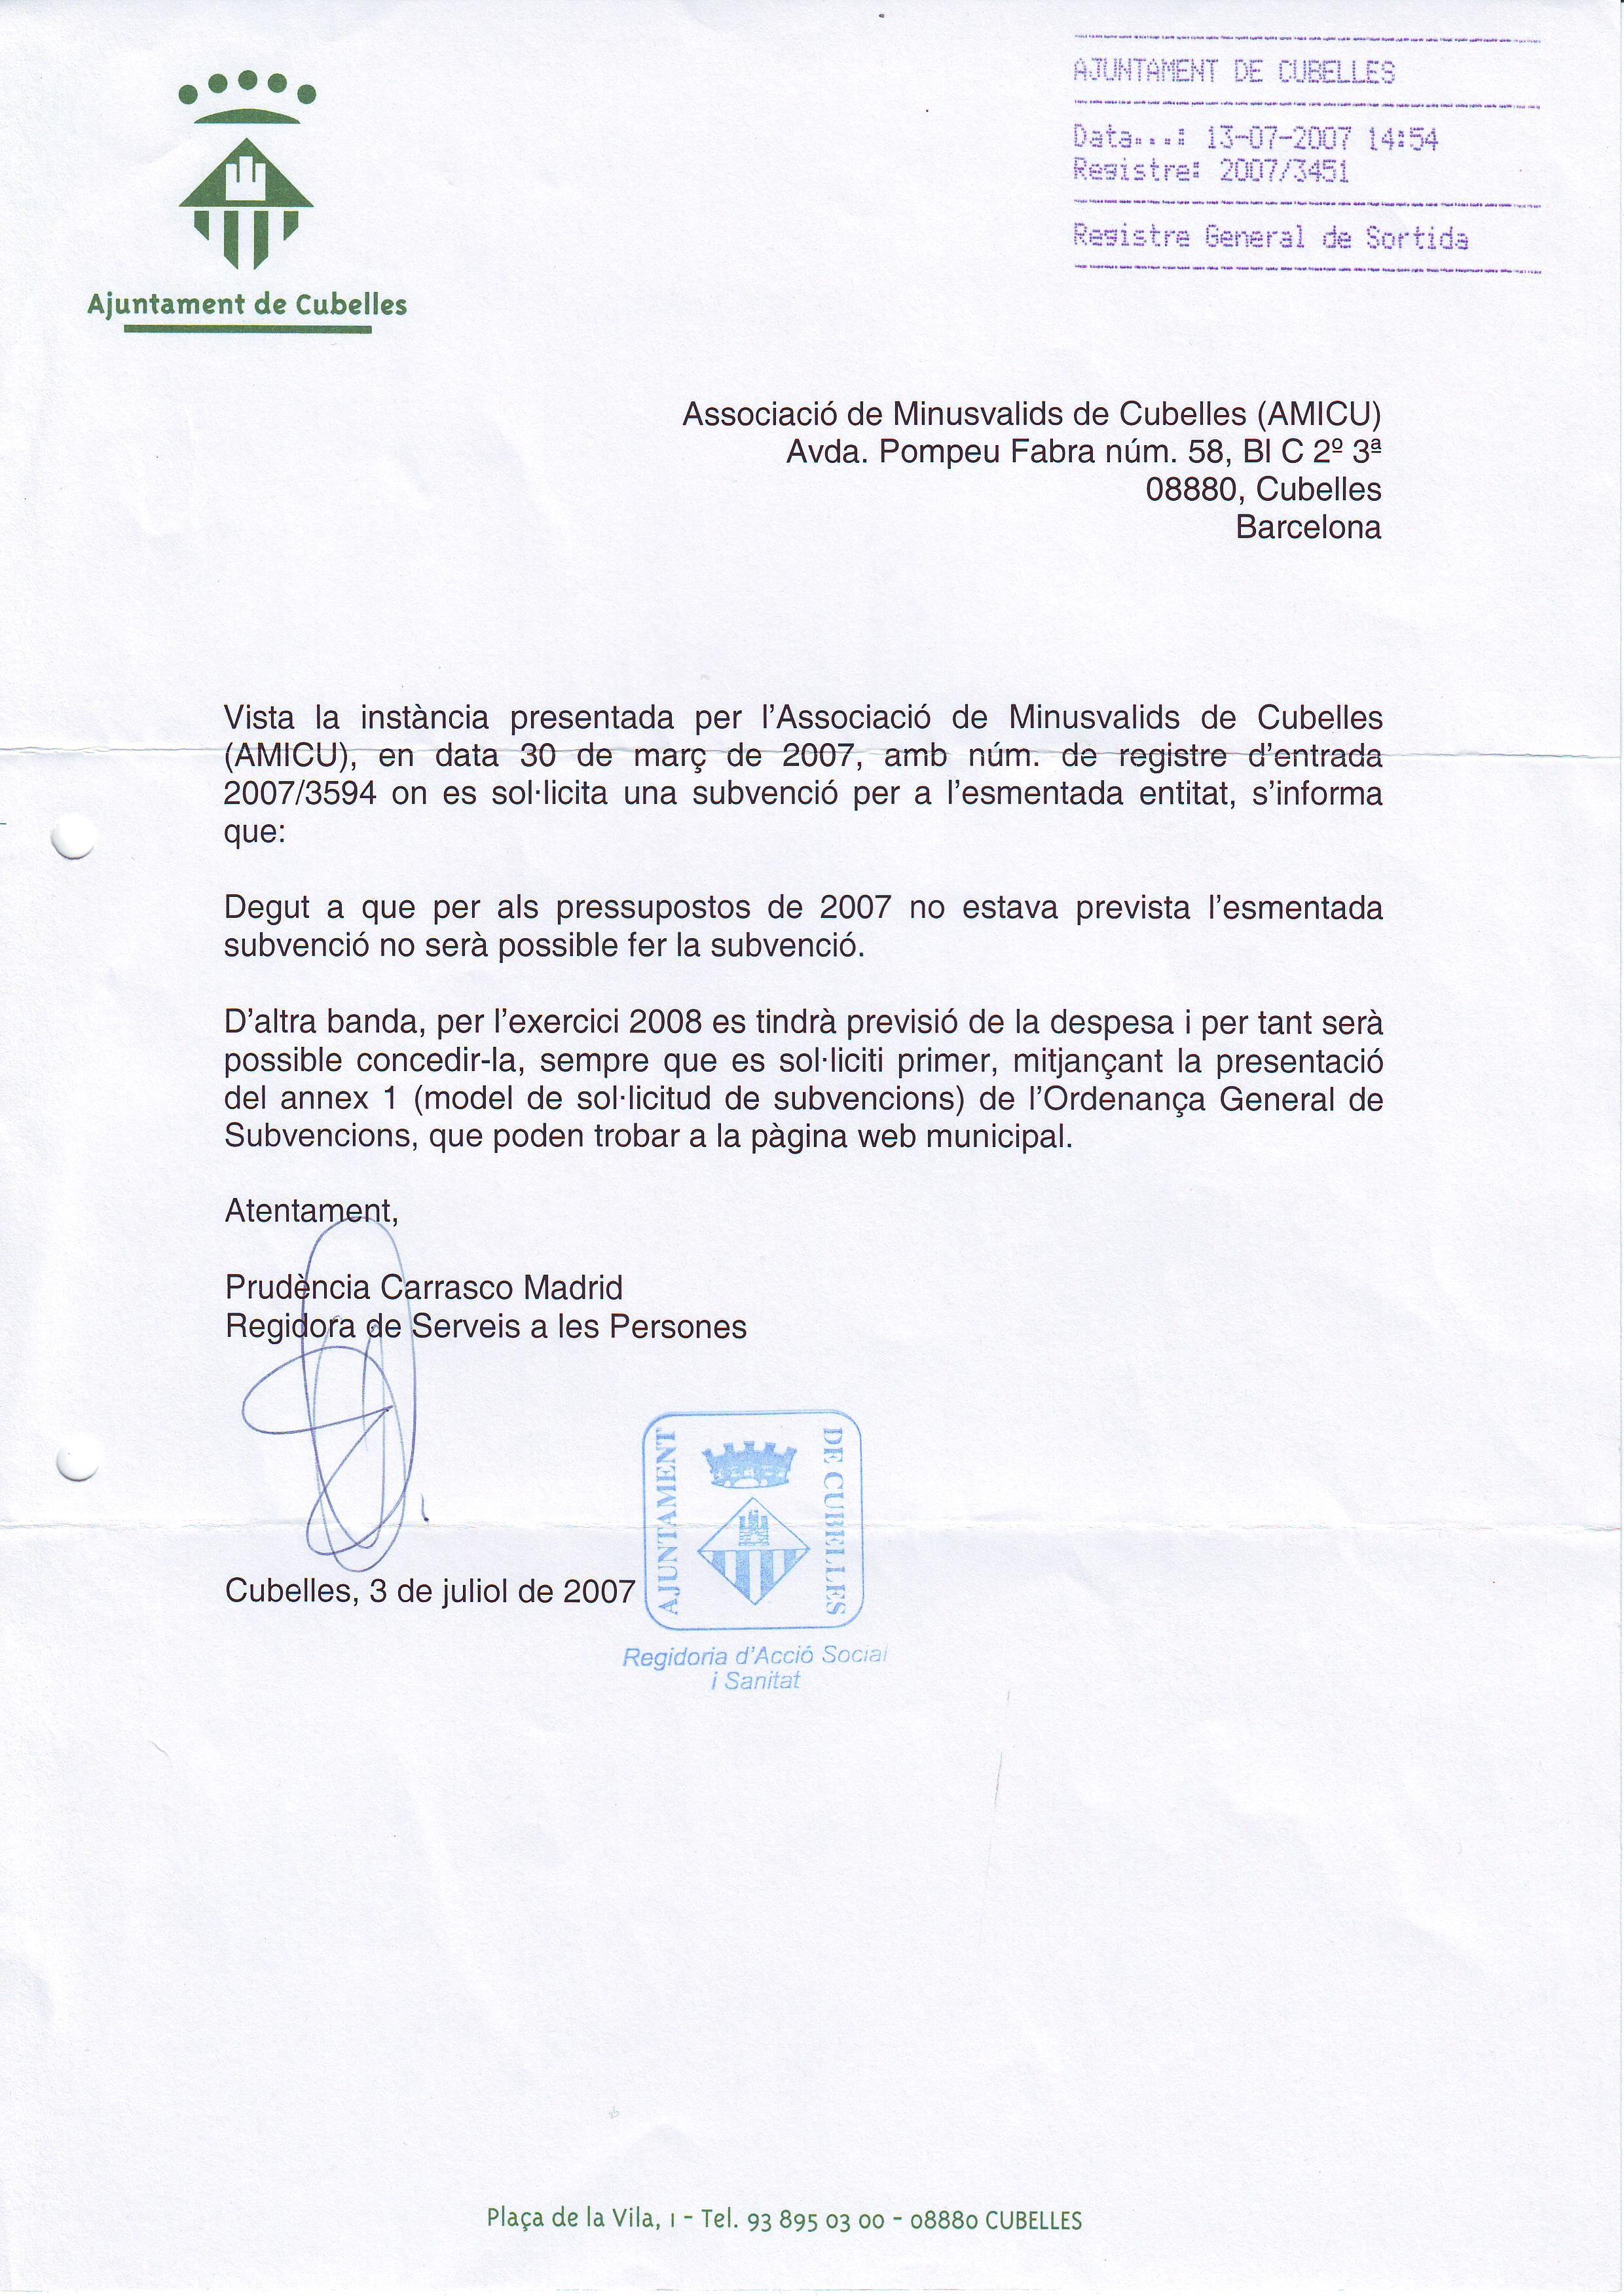 RESPUESTAS A INSTANCIA - SUBVENCIO AJUNTAMENT 2007 - 13-07-2007